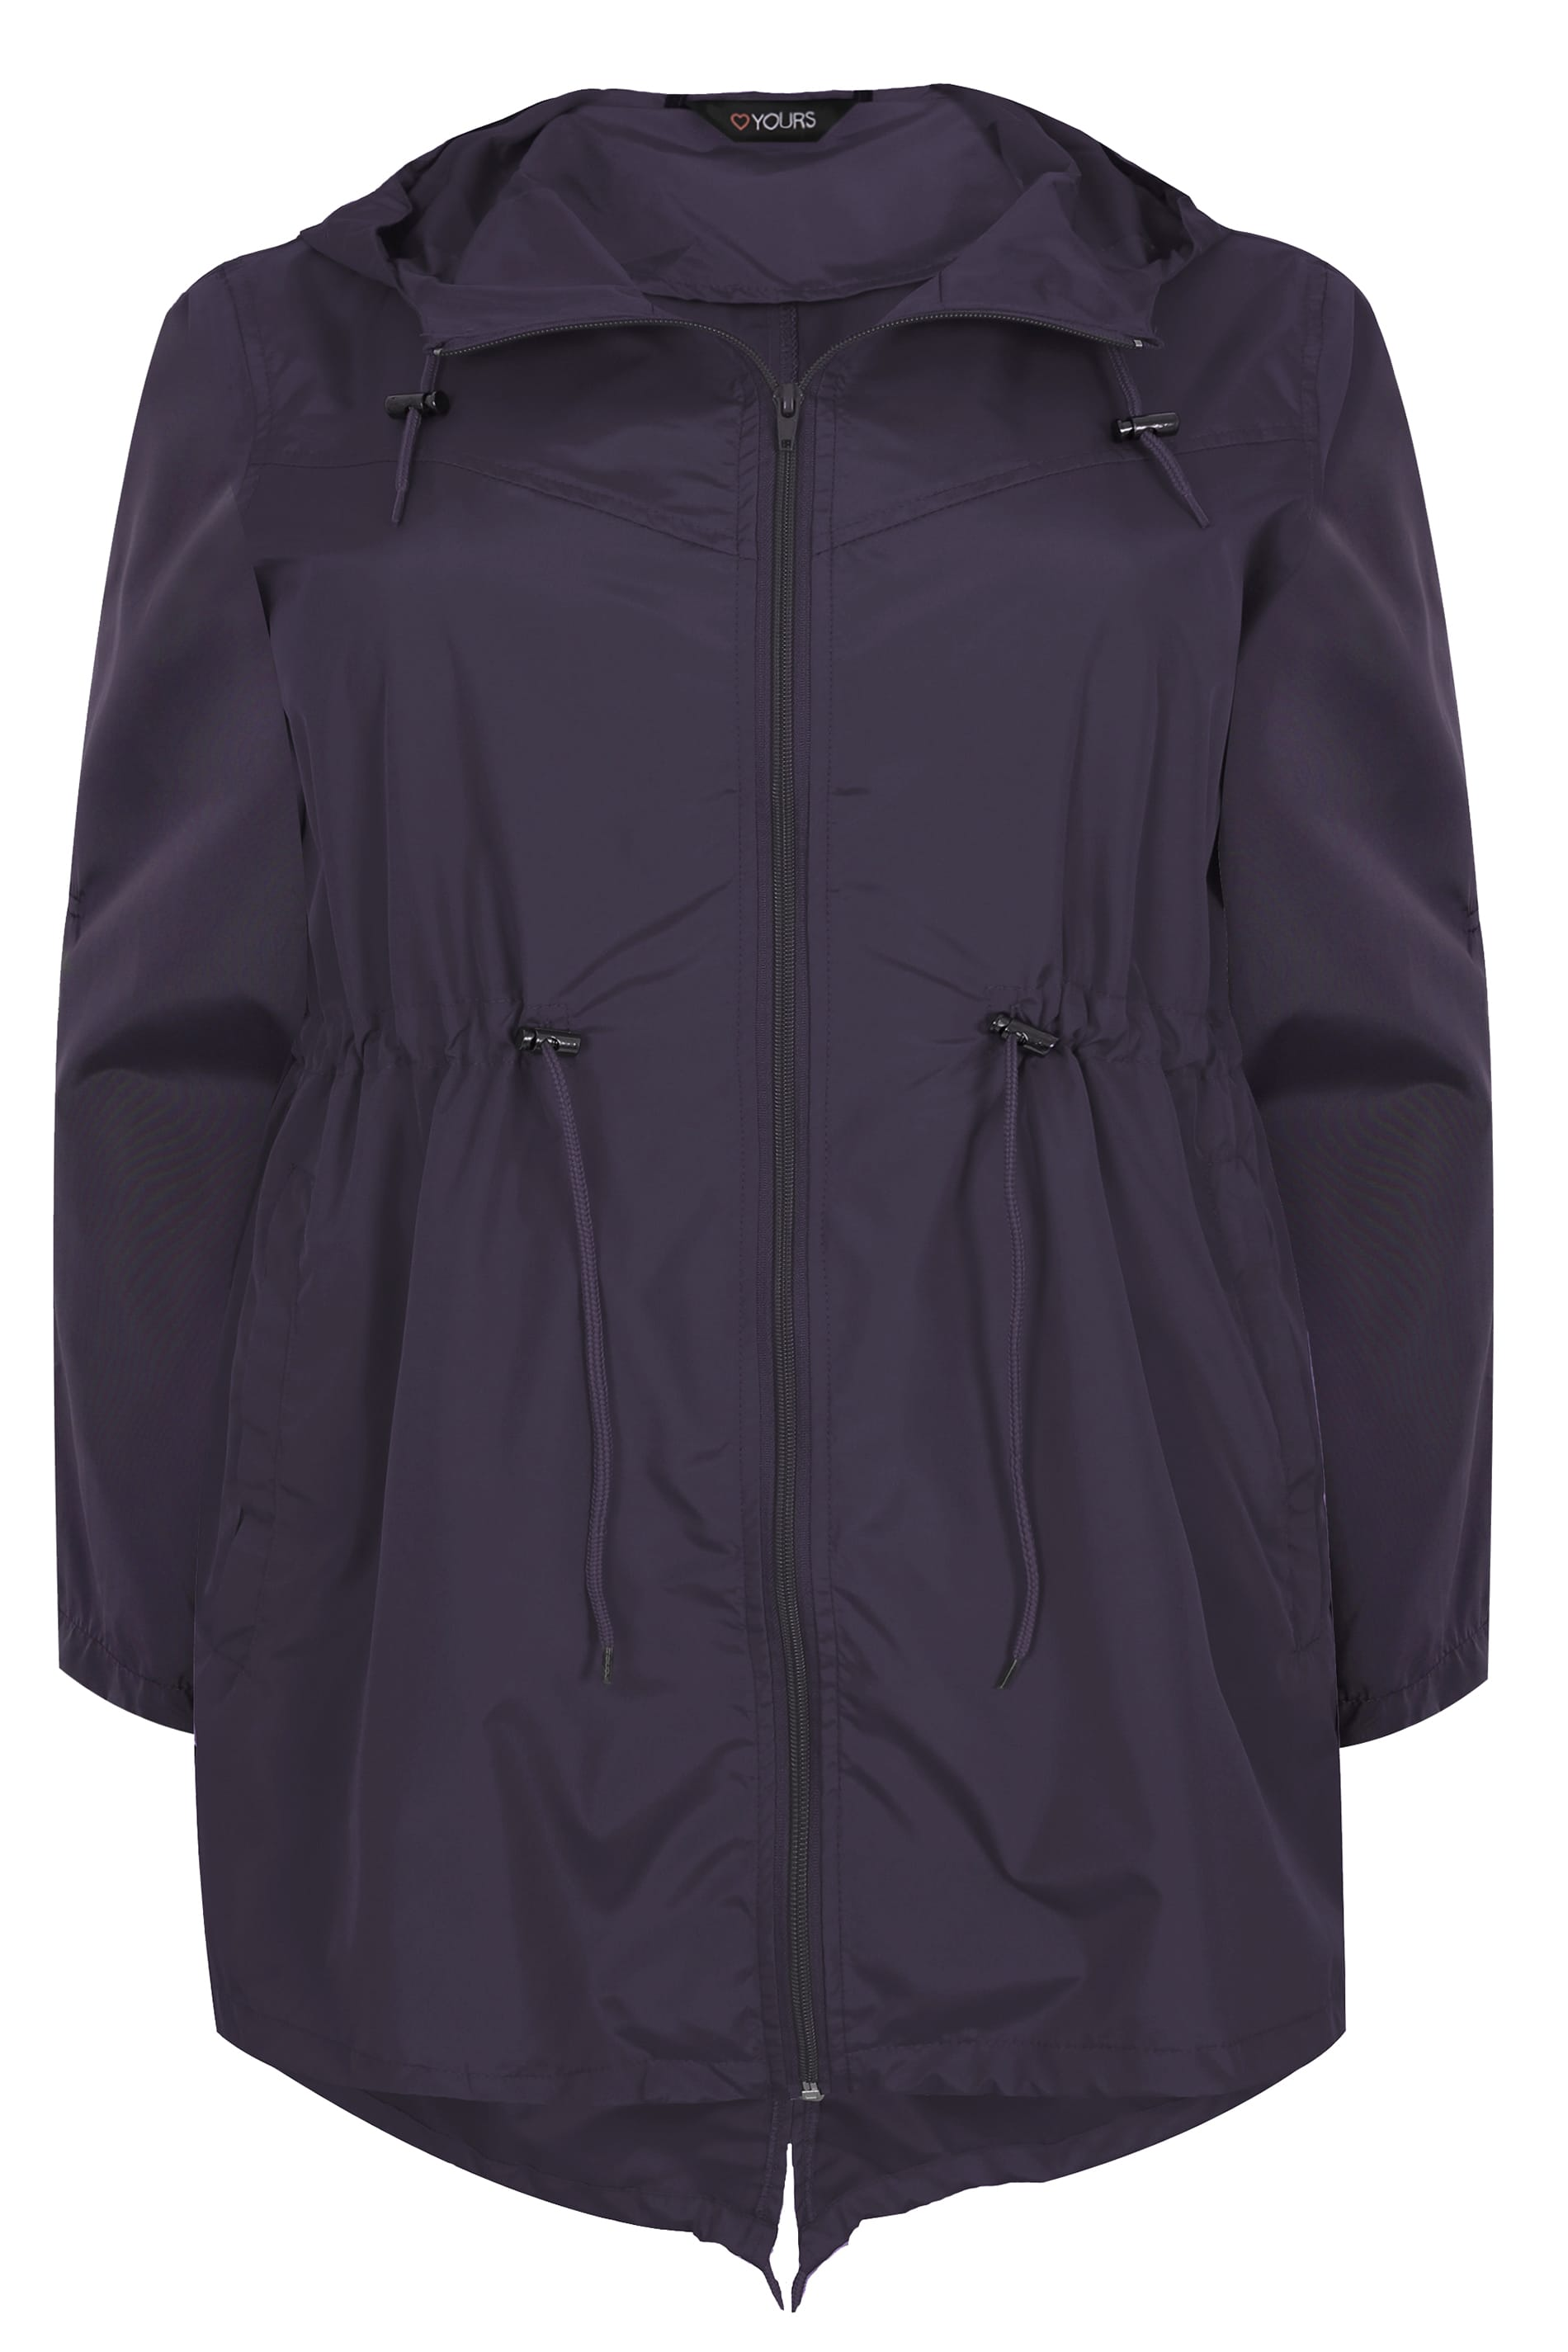 Fioletowa kurtka parka kieszonkowa